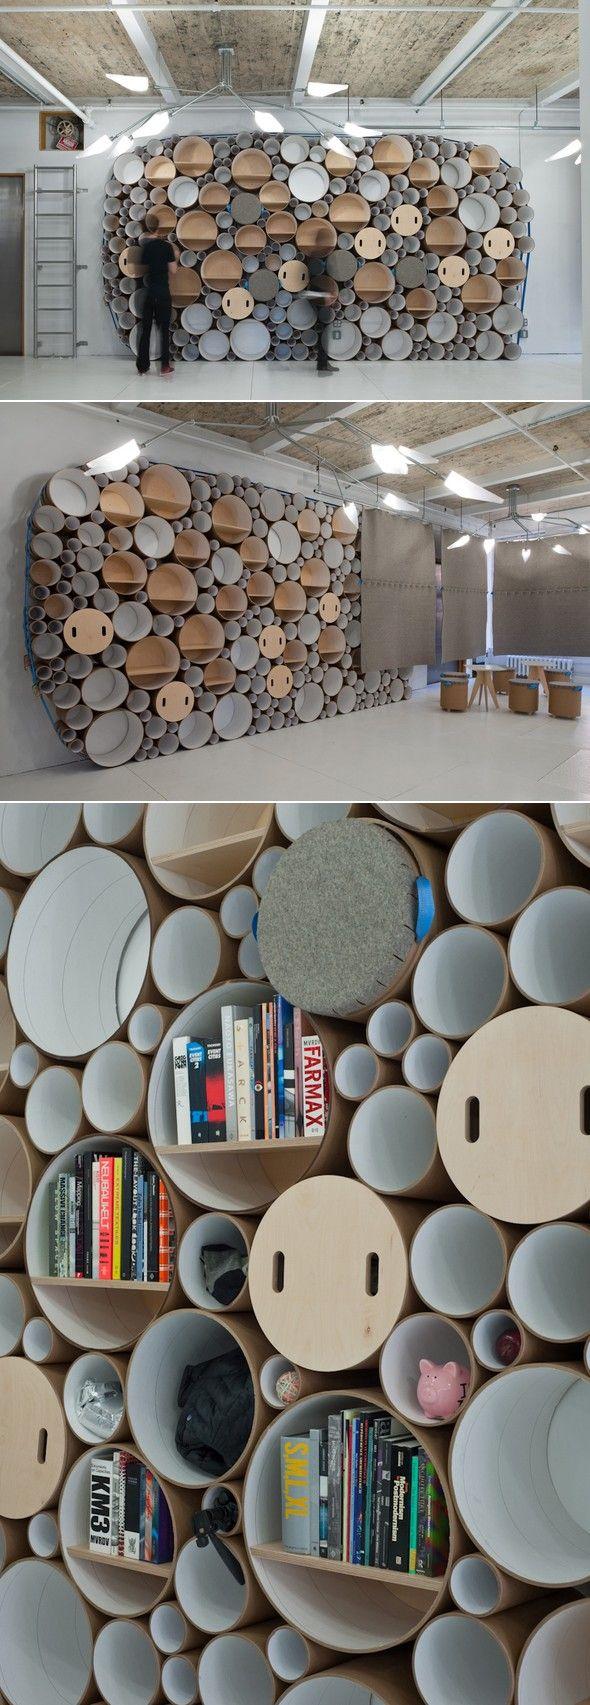 WOW !! #Design // #Idees pour le Salon de l'Habitat de Clermont-Ferrand 21 > 24 mars 2014, Grande Halle d'Auvergne. Aménagement - Décoration - Design - Maison - Jardin